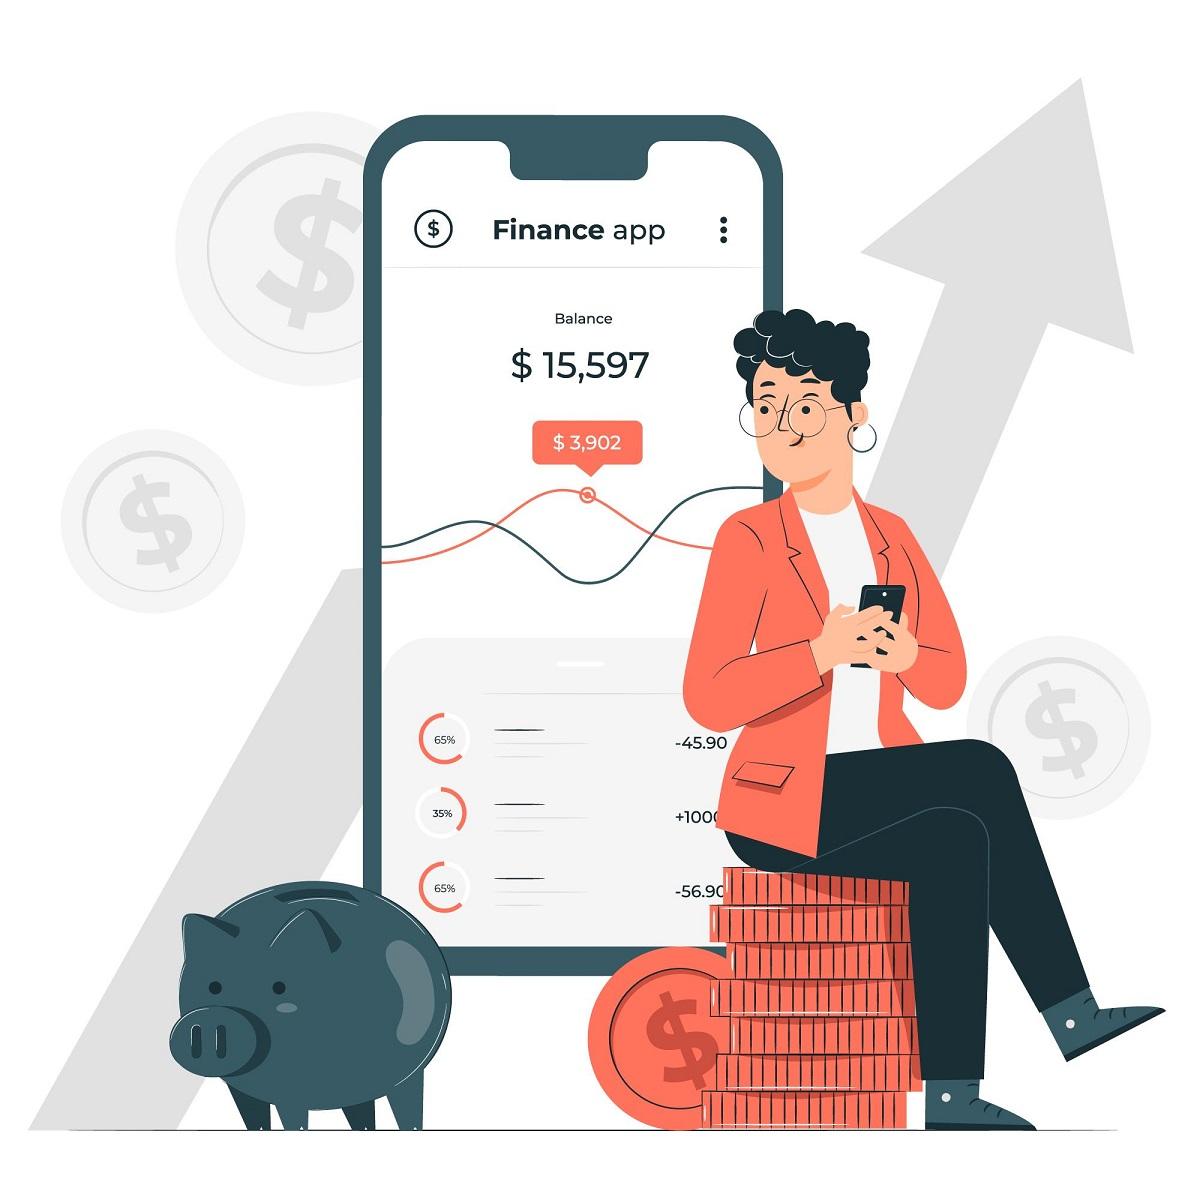 Loan Lending App Development In A Few Easy Steps